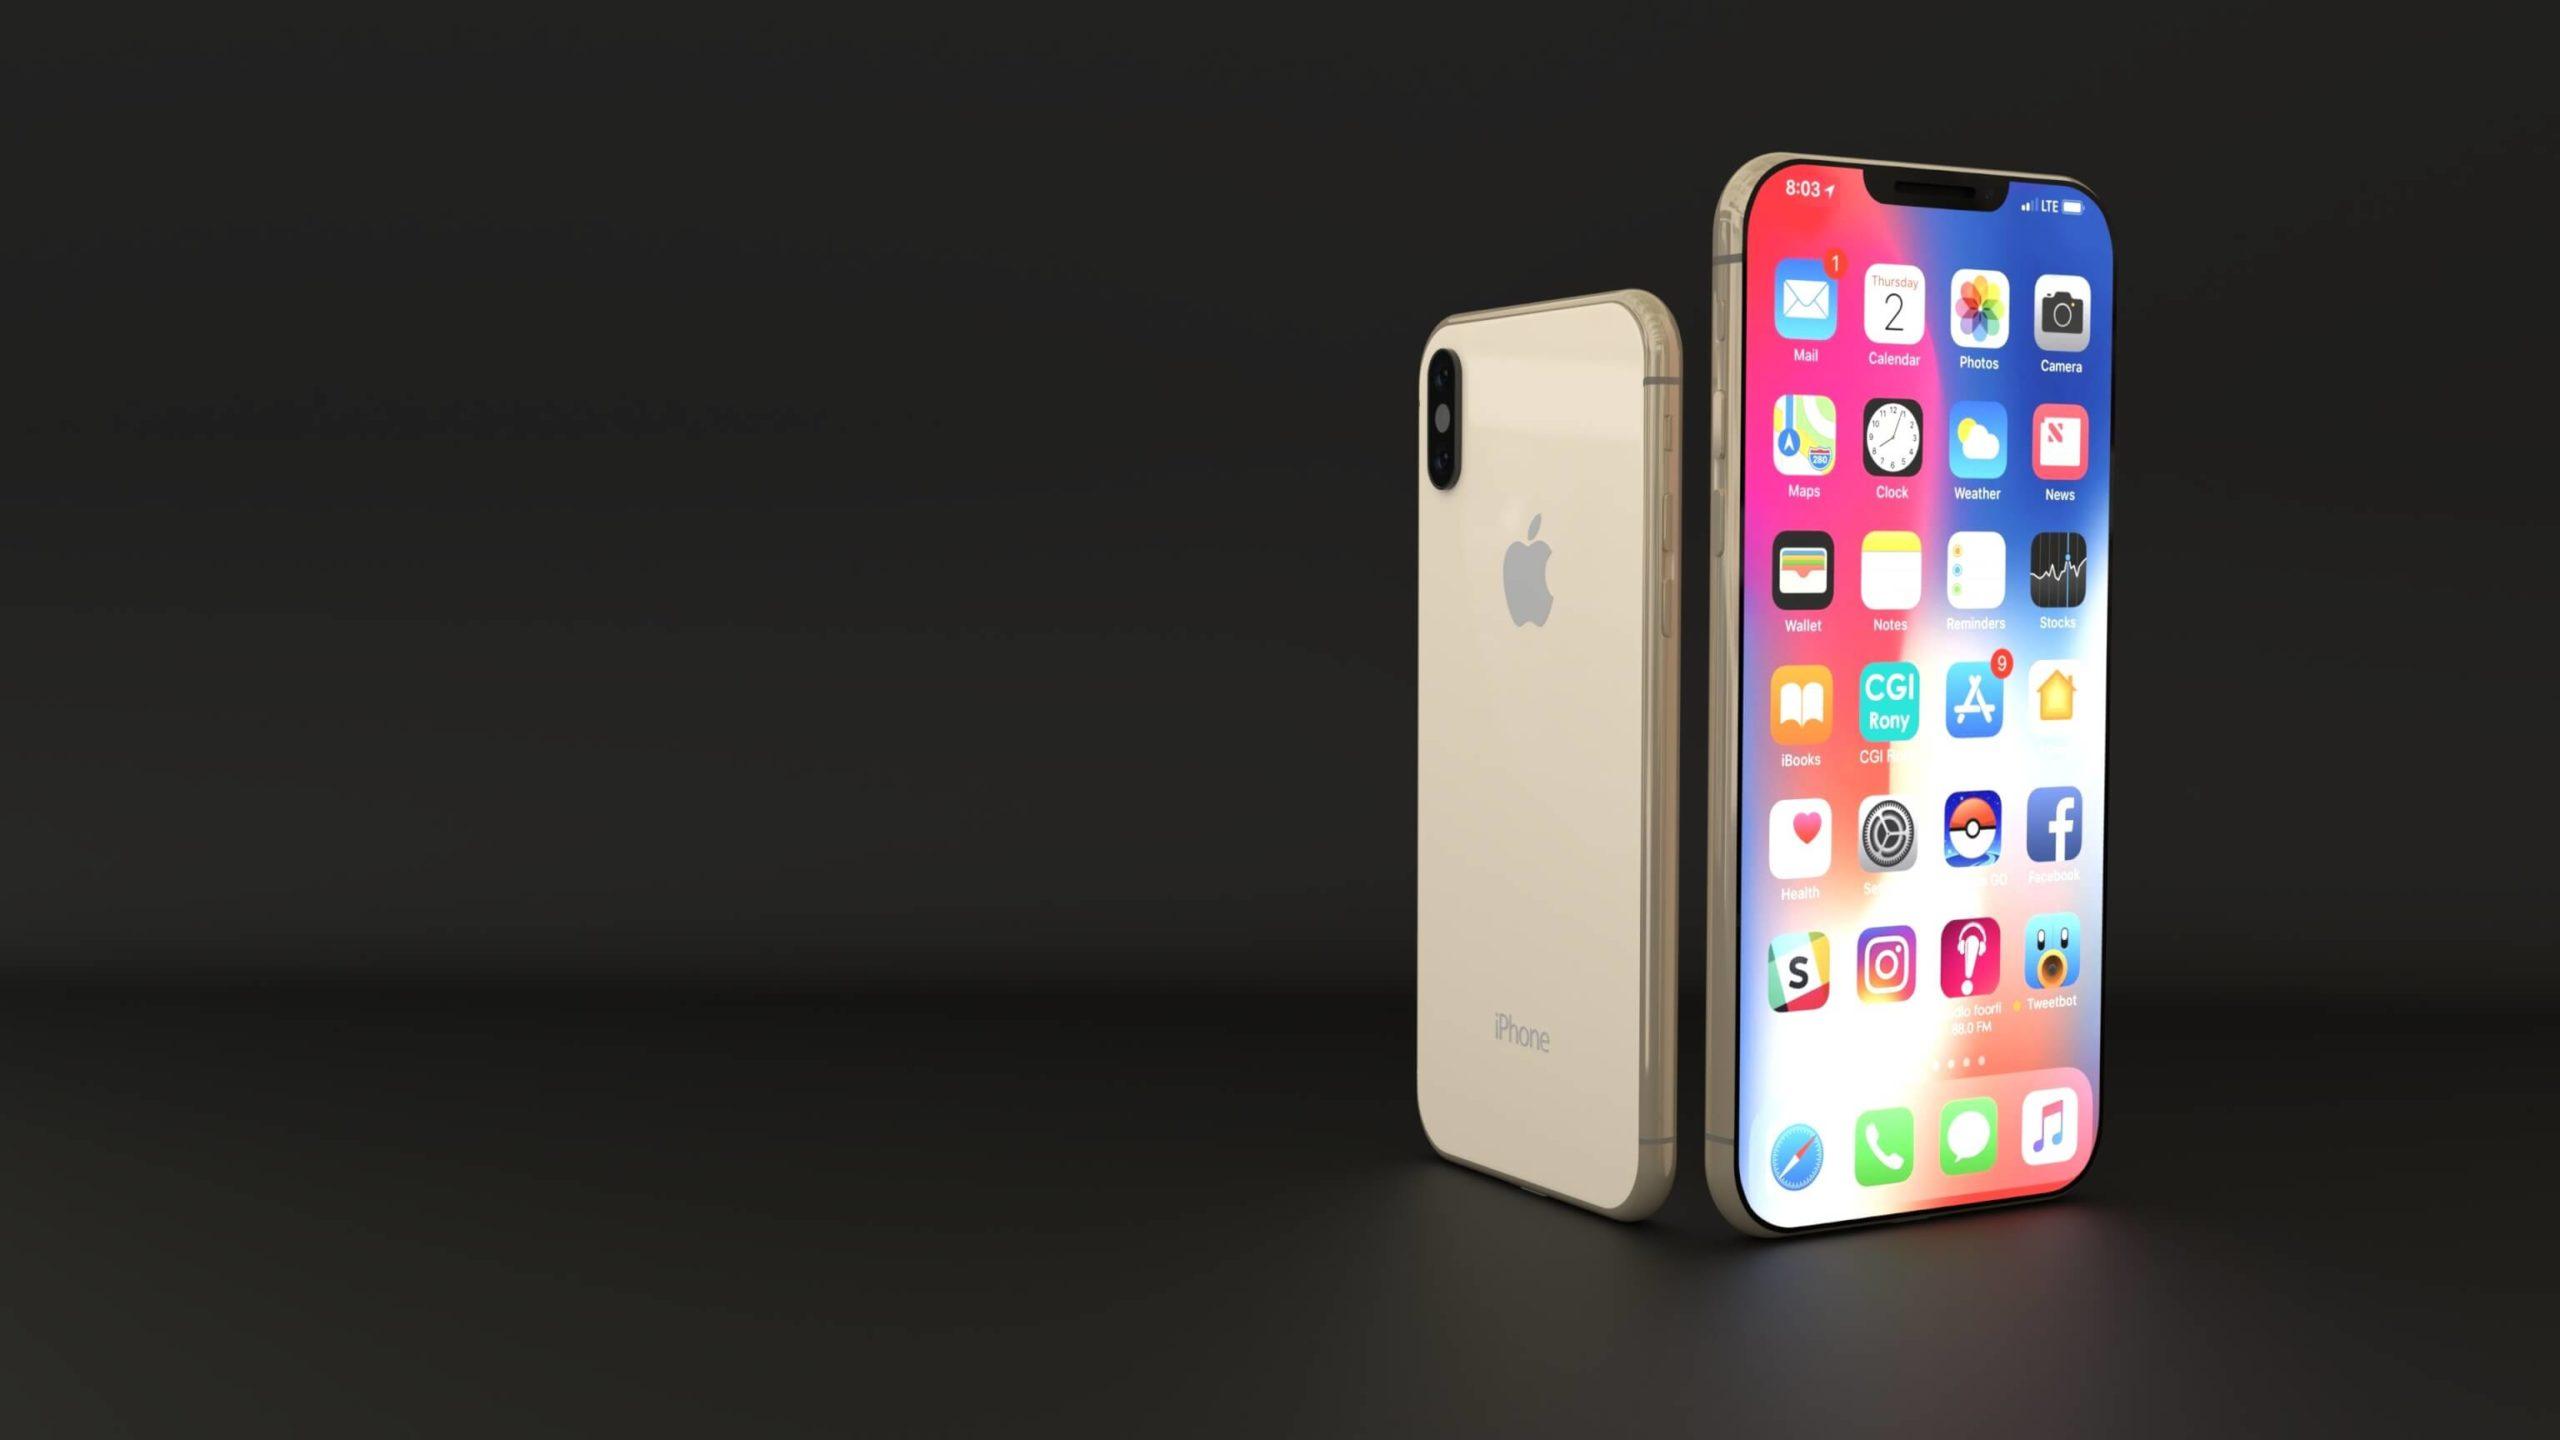 bildschirmgröße iphone xs